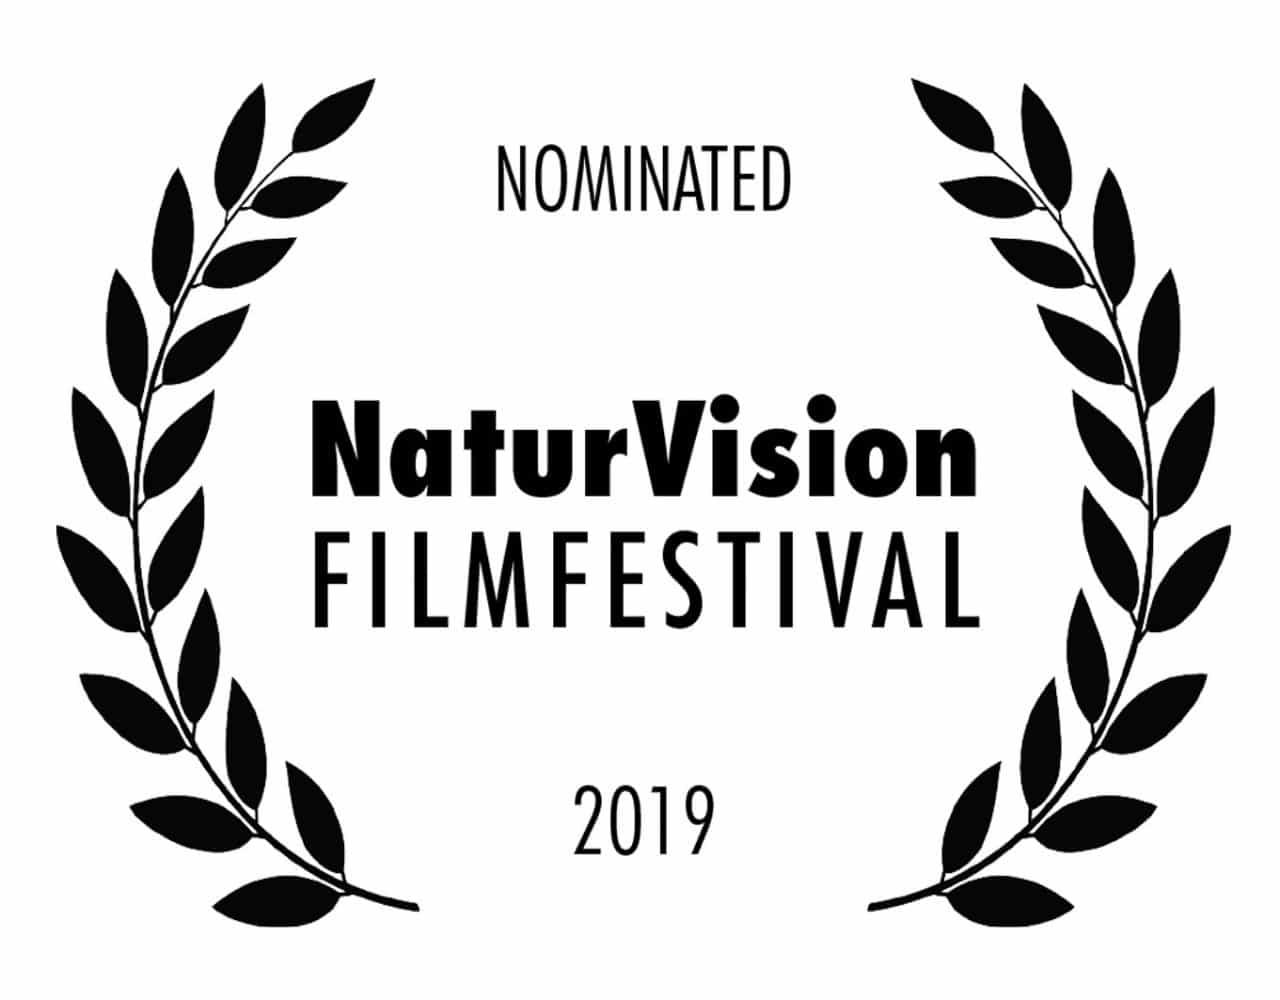 NaturVision Nominerung